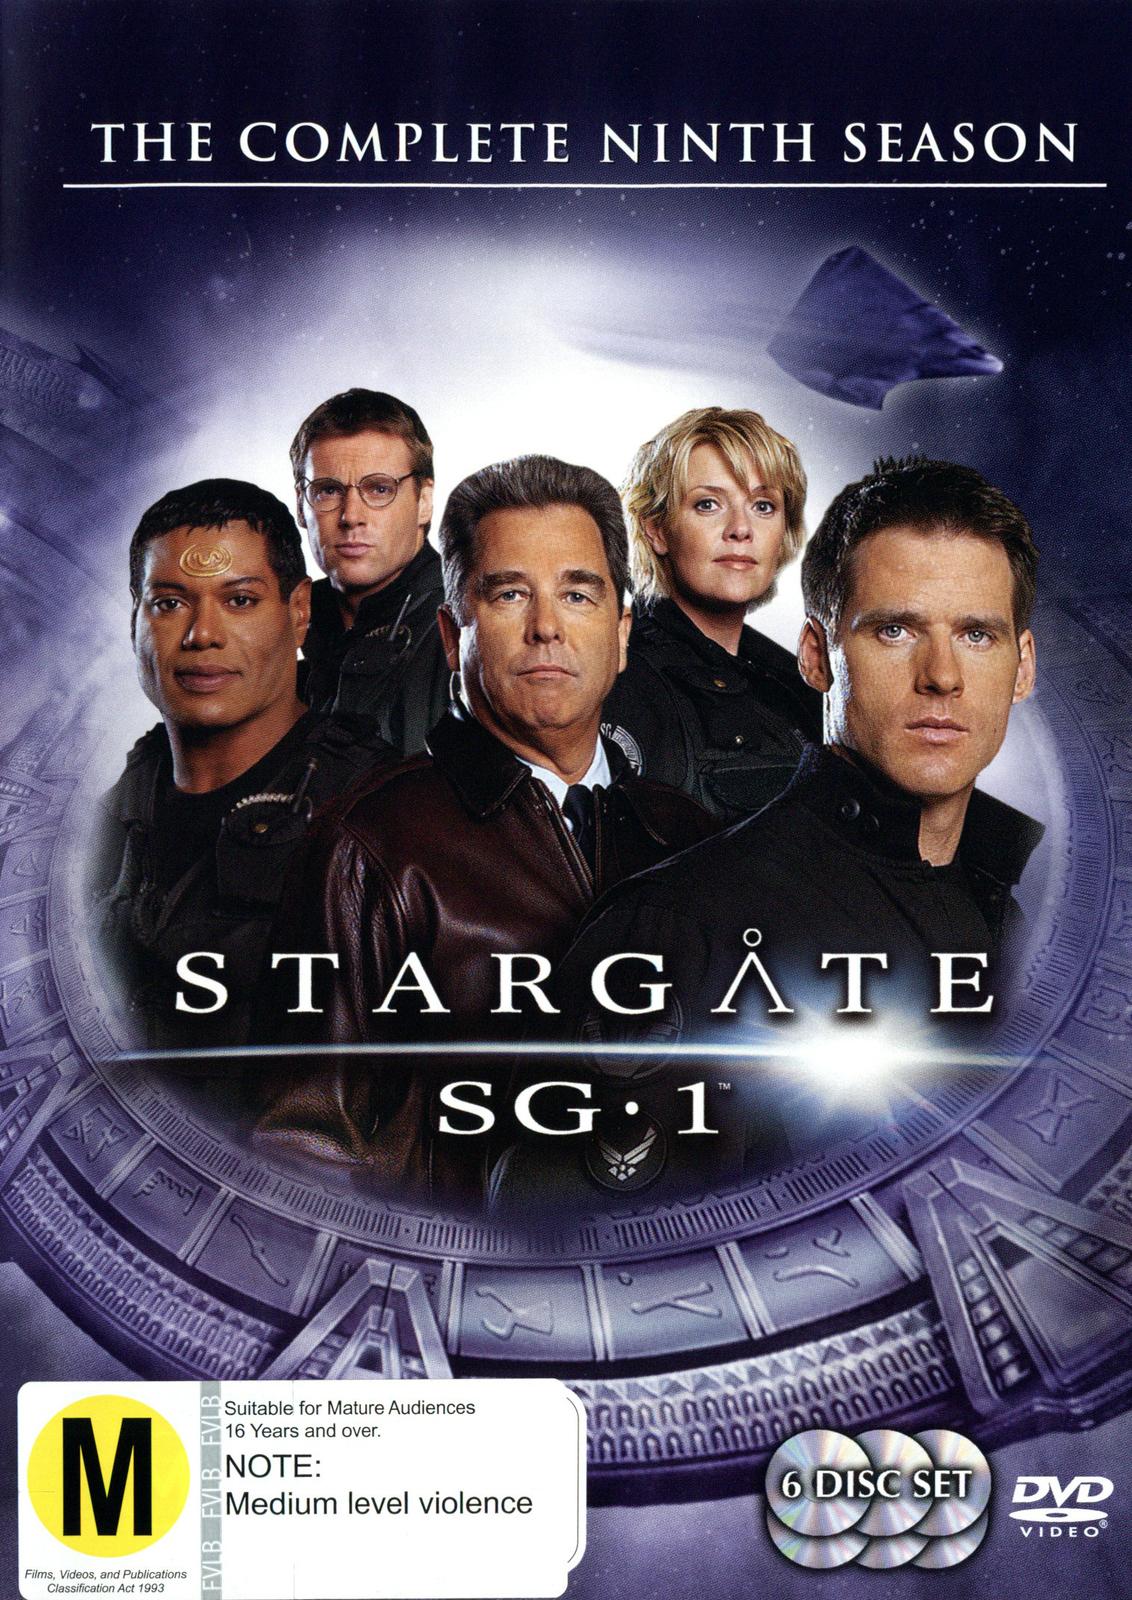 Stargate SG-1 - Season 9 (6 Disc Set) (New Packaging) on DVD image